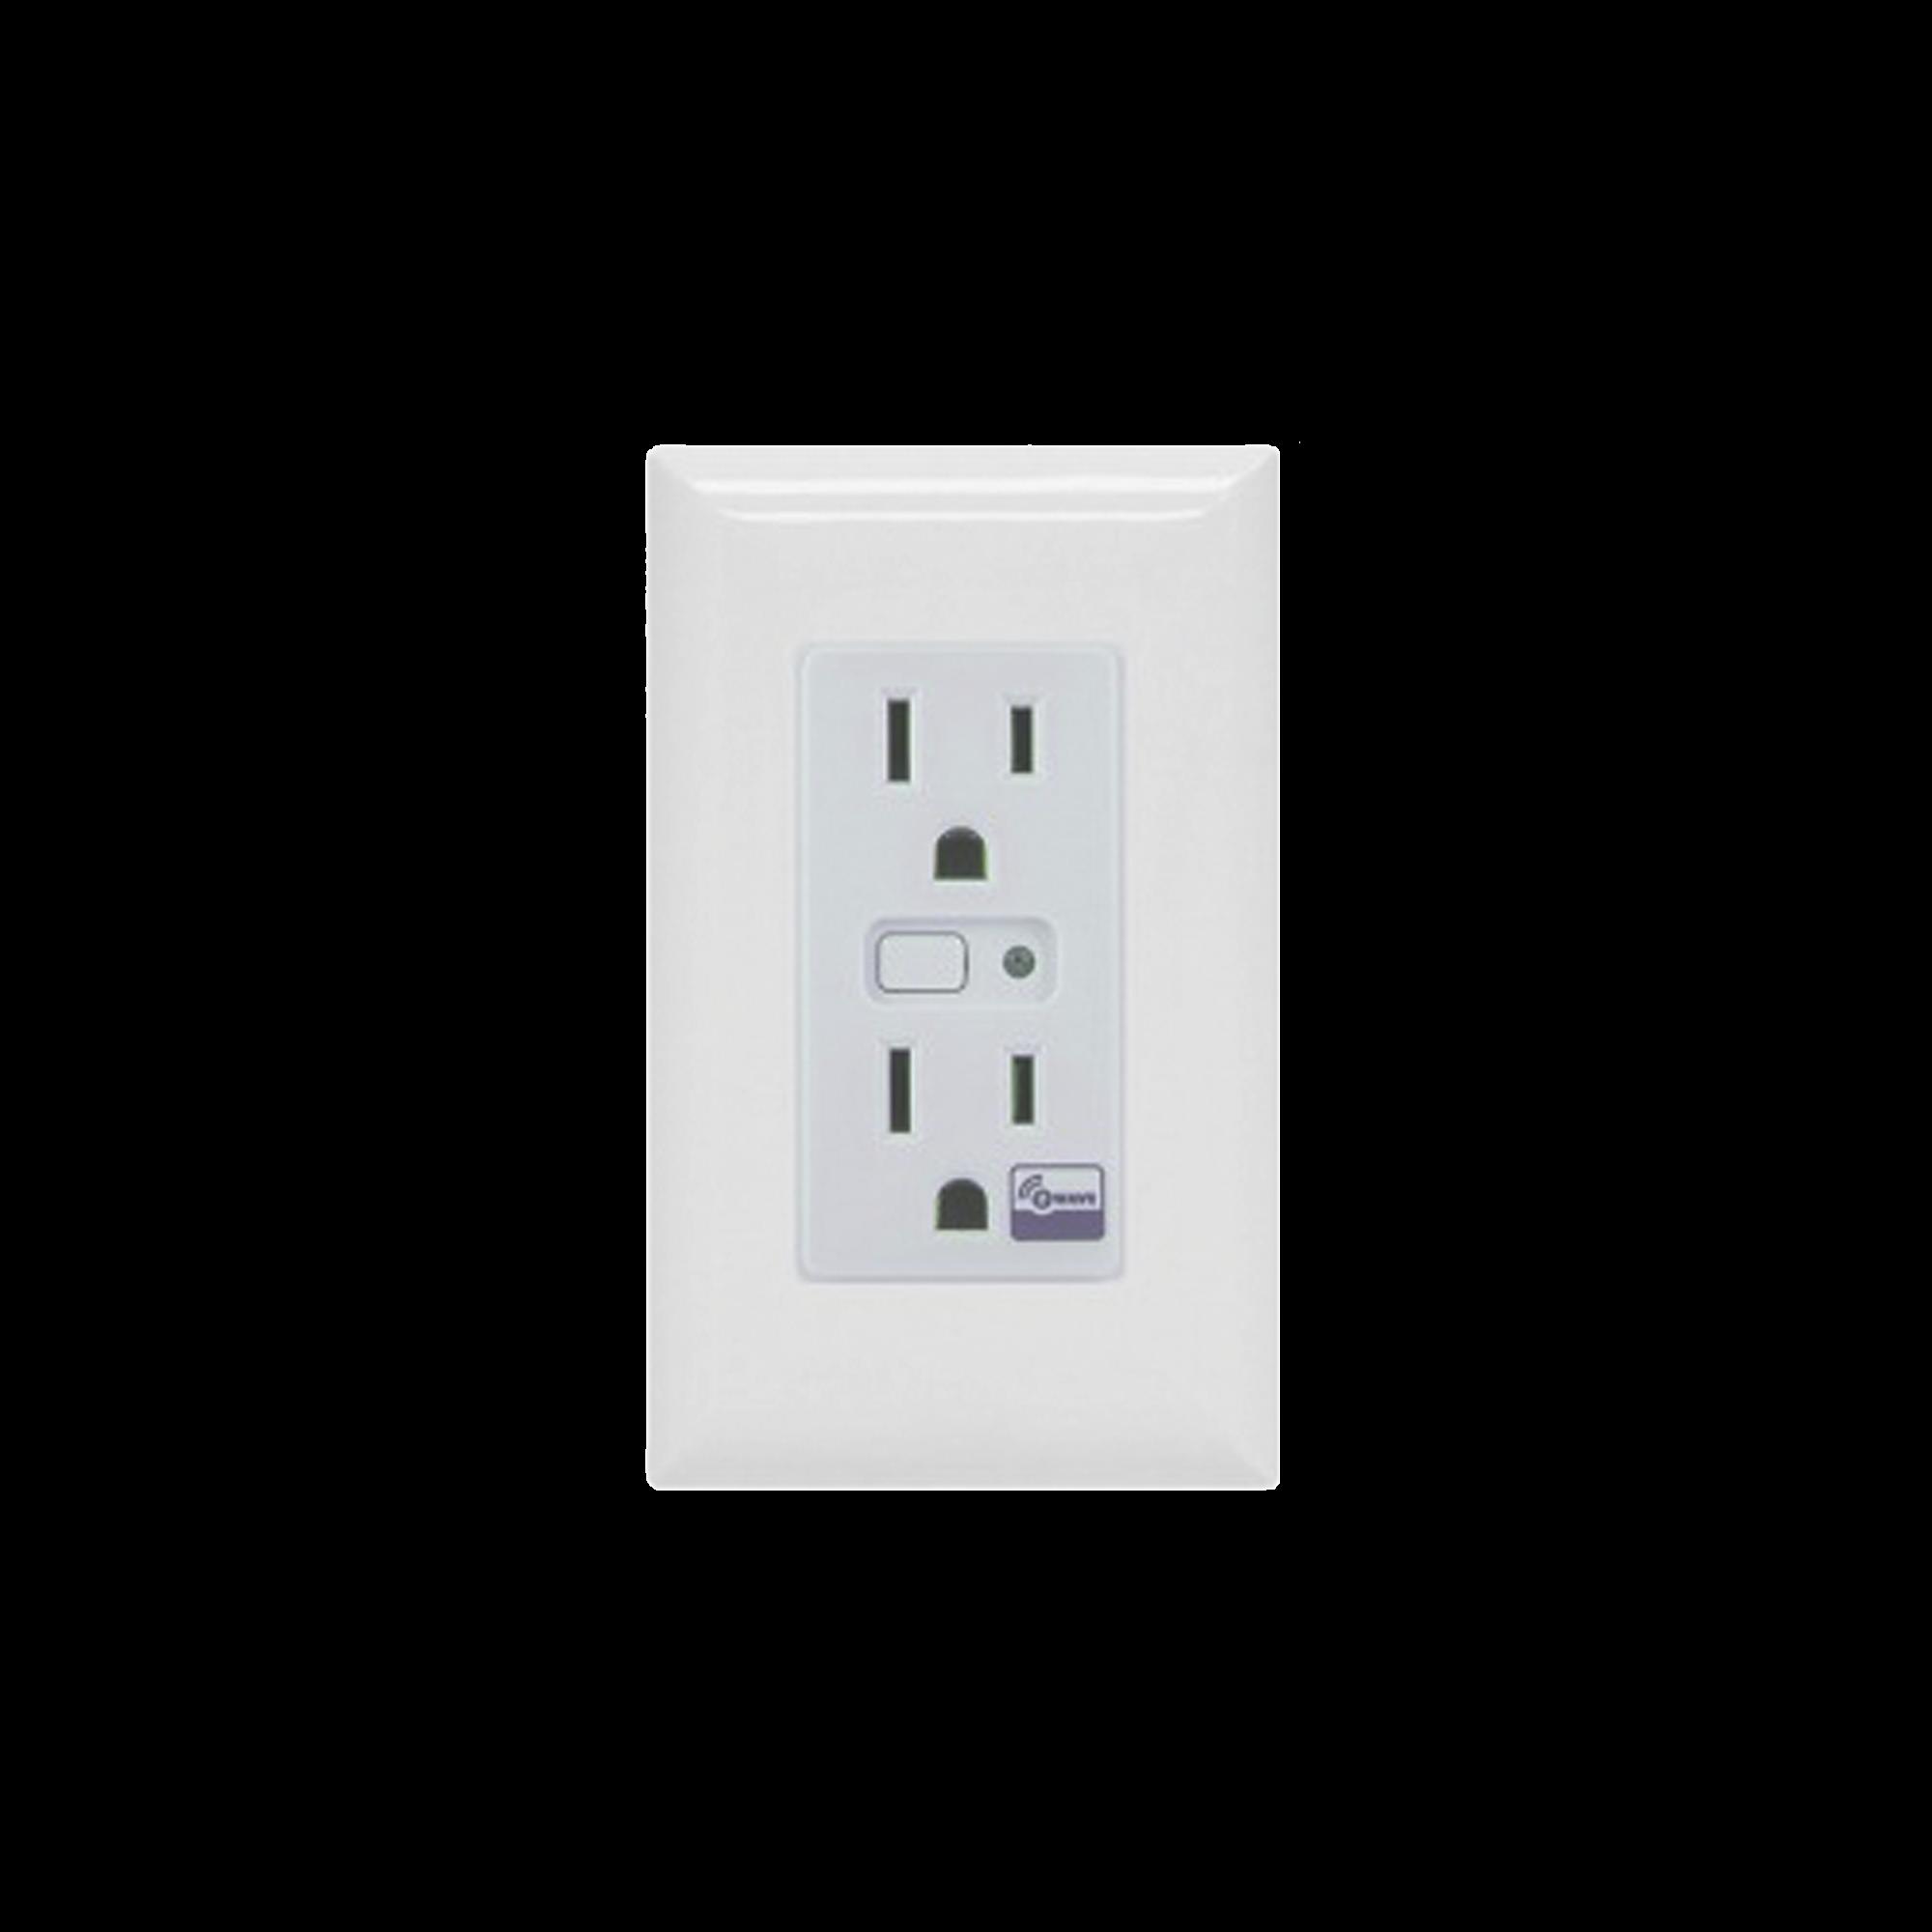 Tomacorriente con señal inalambrica Z-WAVE, requiere agregarse a un HUB HC7, puede ser un panel de alarma L5210, L7000 con Total Connect